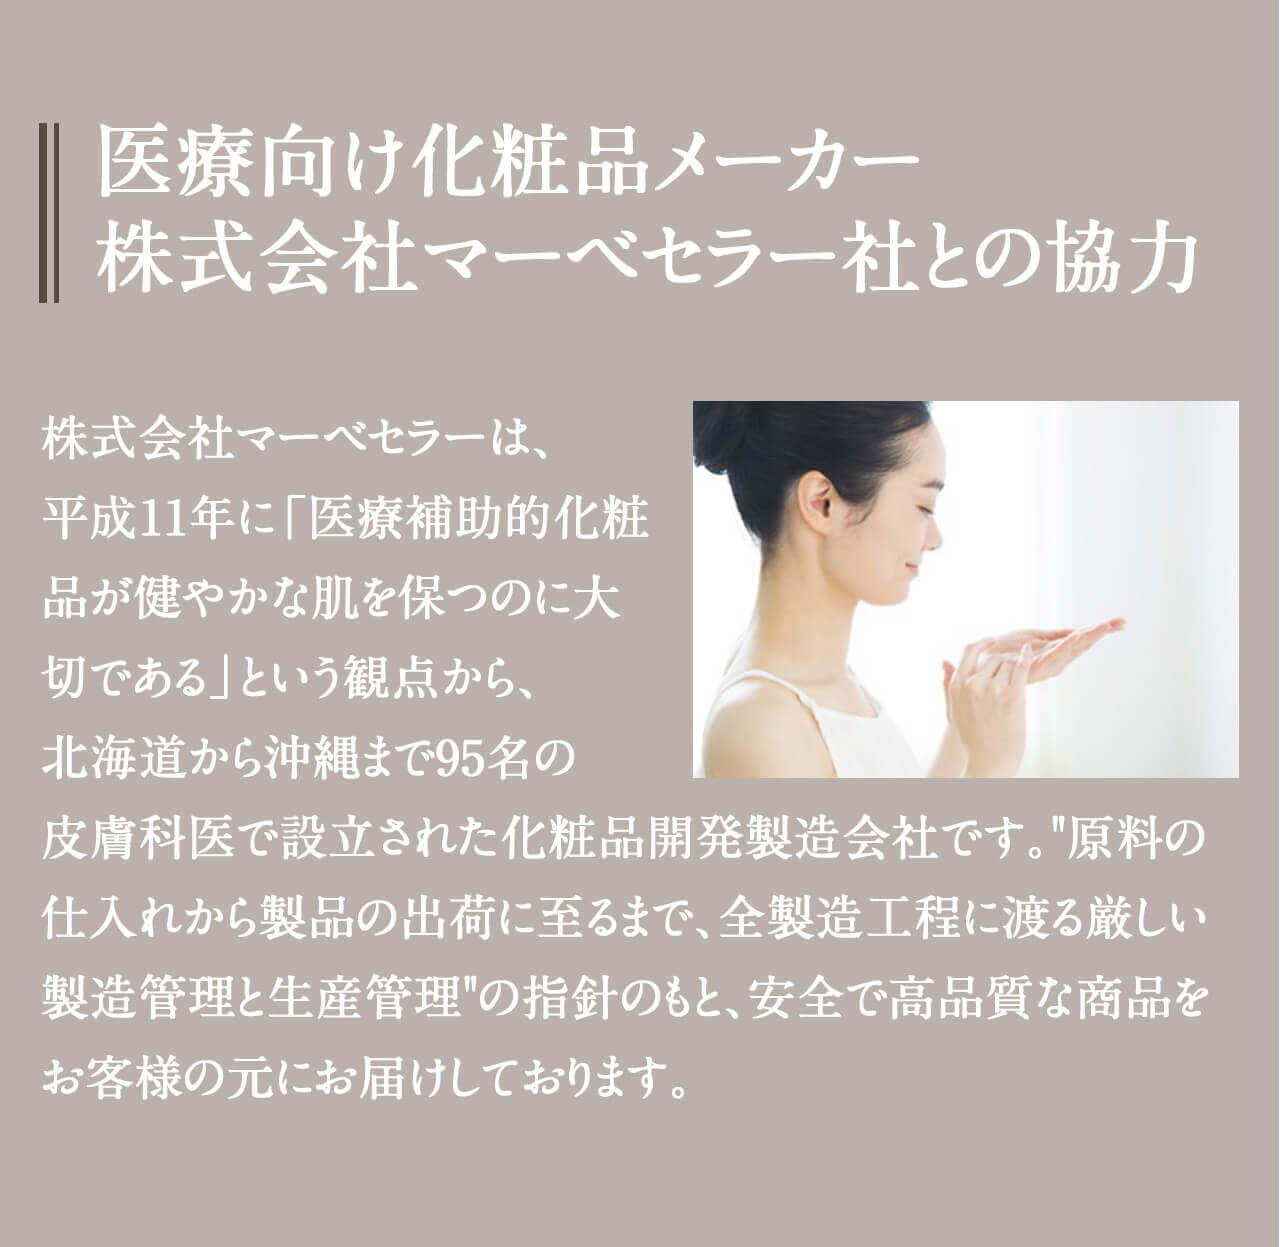 医療向け化粧品メーカー株式会社マーベセラー社との協力 株式会社マーベセラーは、平成11年に「医療補助的化粧品が健やかな肌を保つのに大切である」という観点から、北海道から沖縄まで95名の皮膚科医で設立された化粧品開発製造会社です。